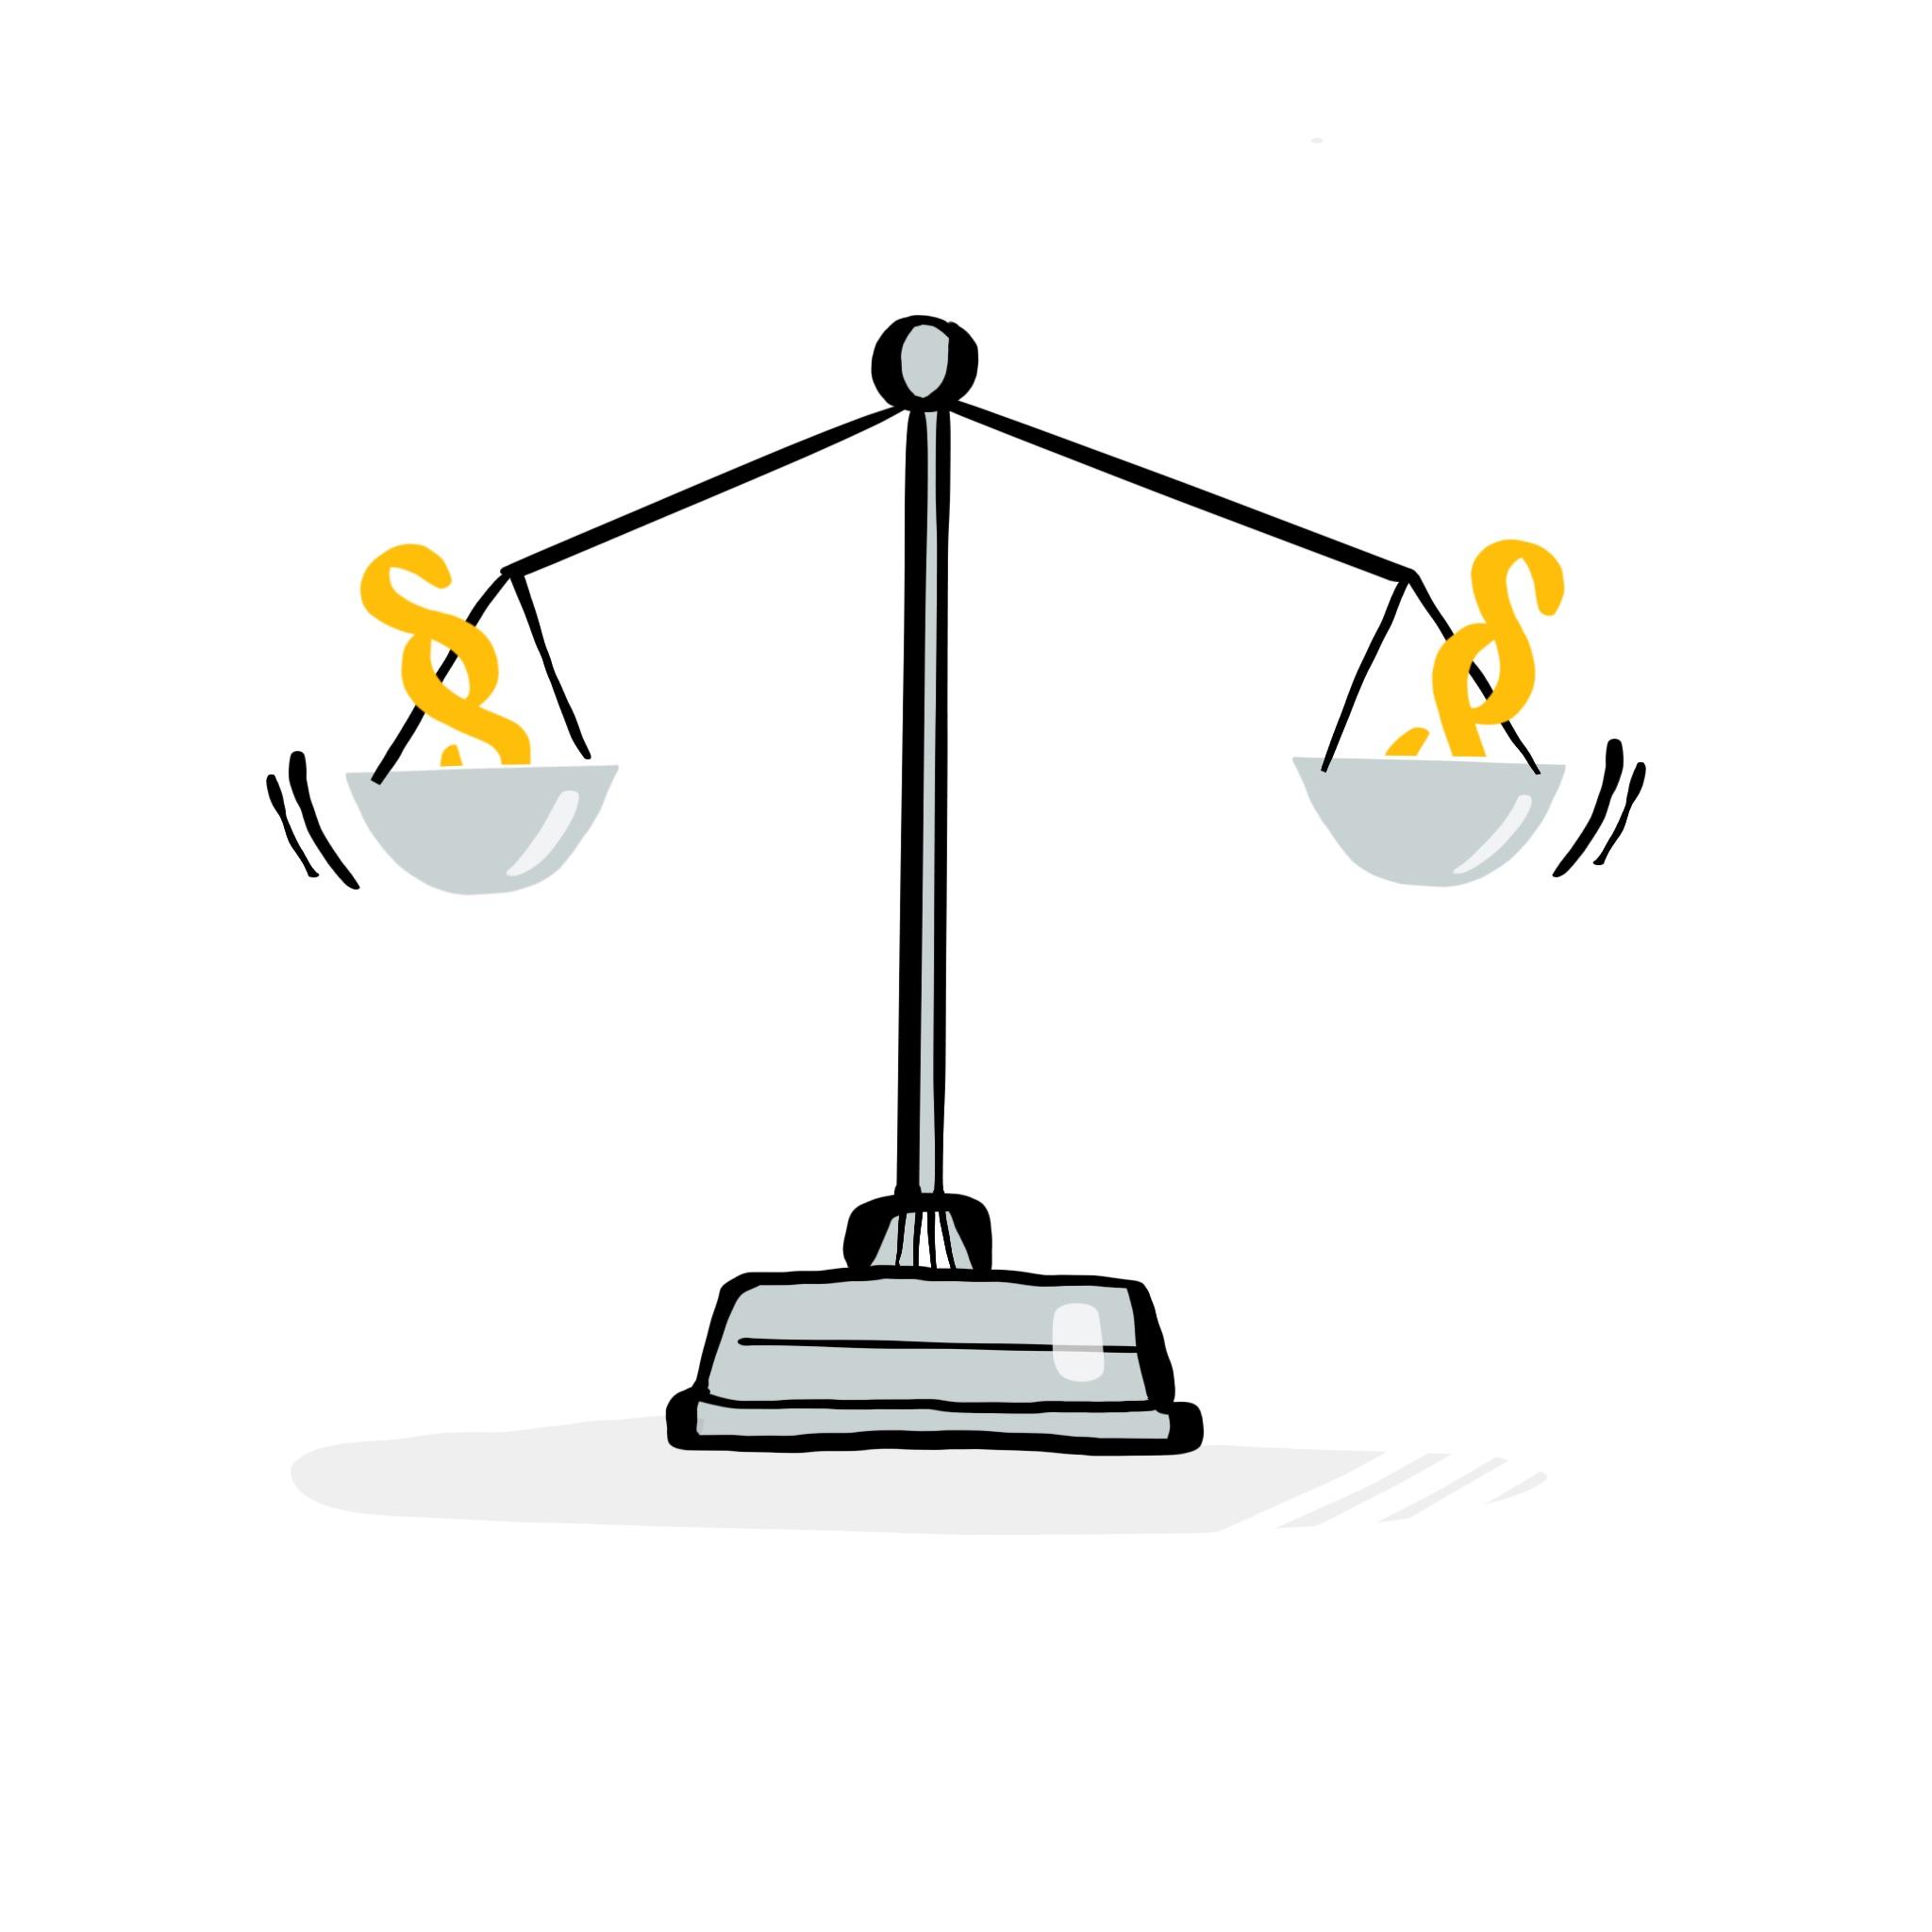 Balansen i juridik, dataskydd och möjligheter med teknik